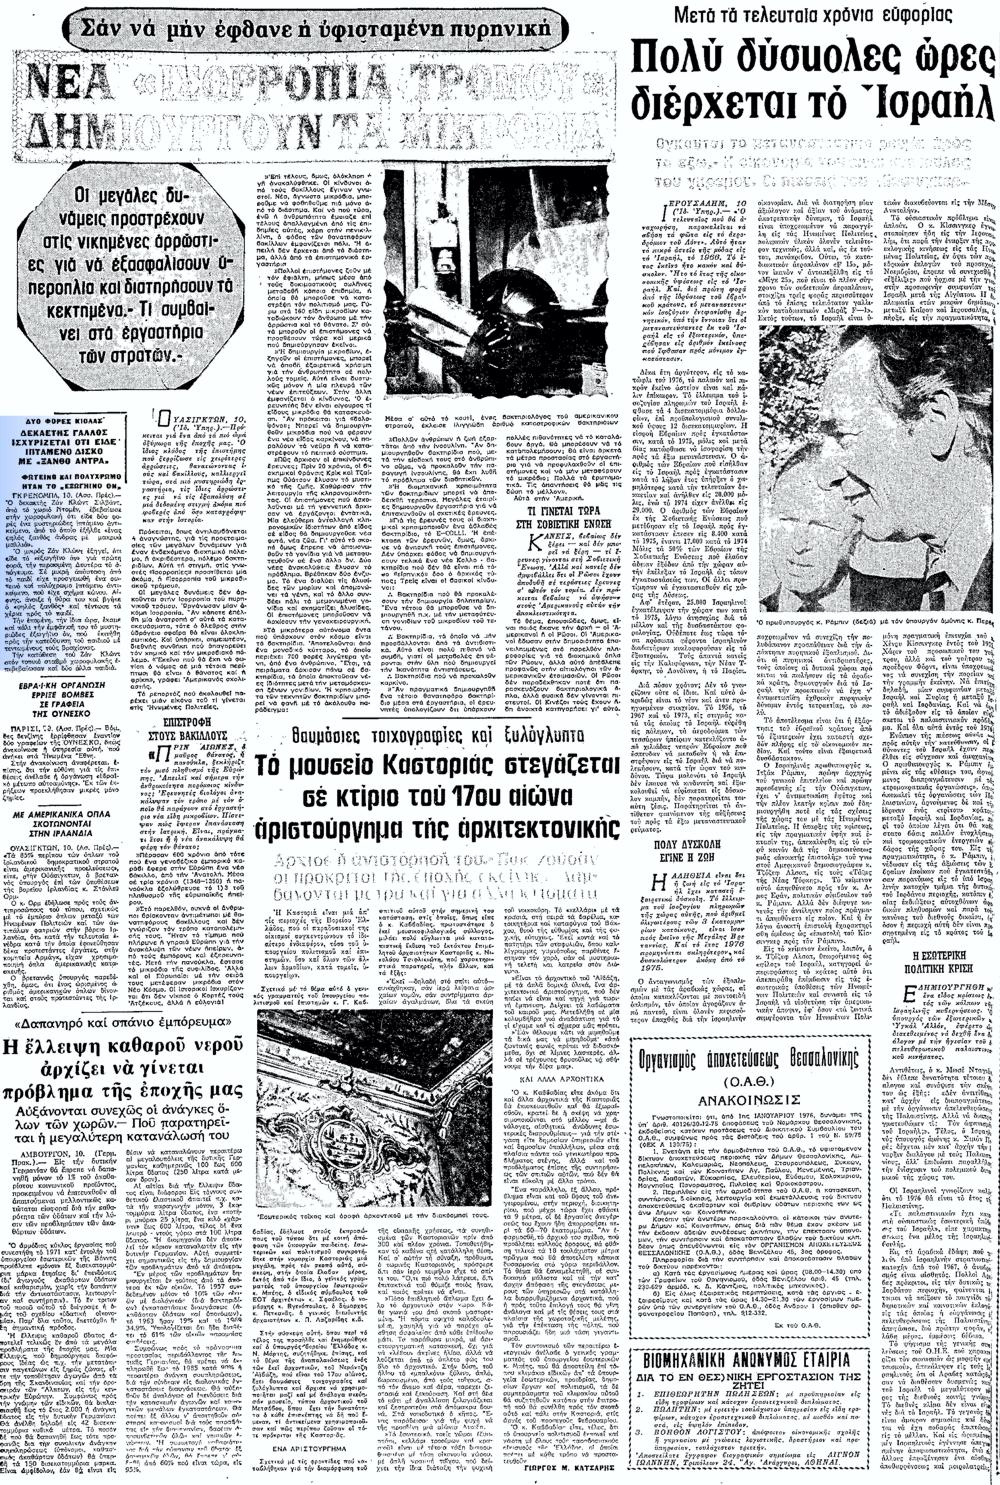 """Το άρθρο, όπως δημοσιεύθηκε στην εφημερίδα """"ΜΑΚΕΔΟΝΙΑ"""", στις 11/01/1976"""